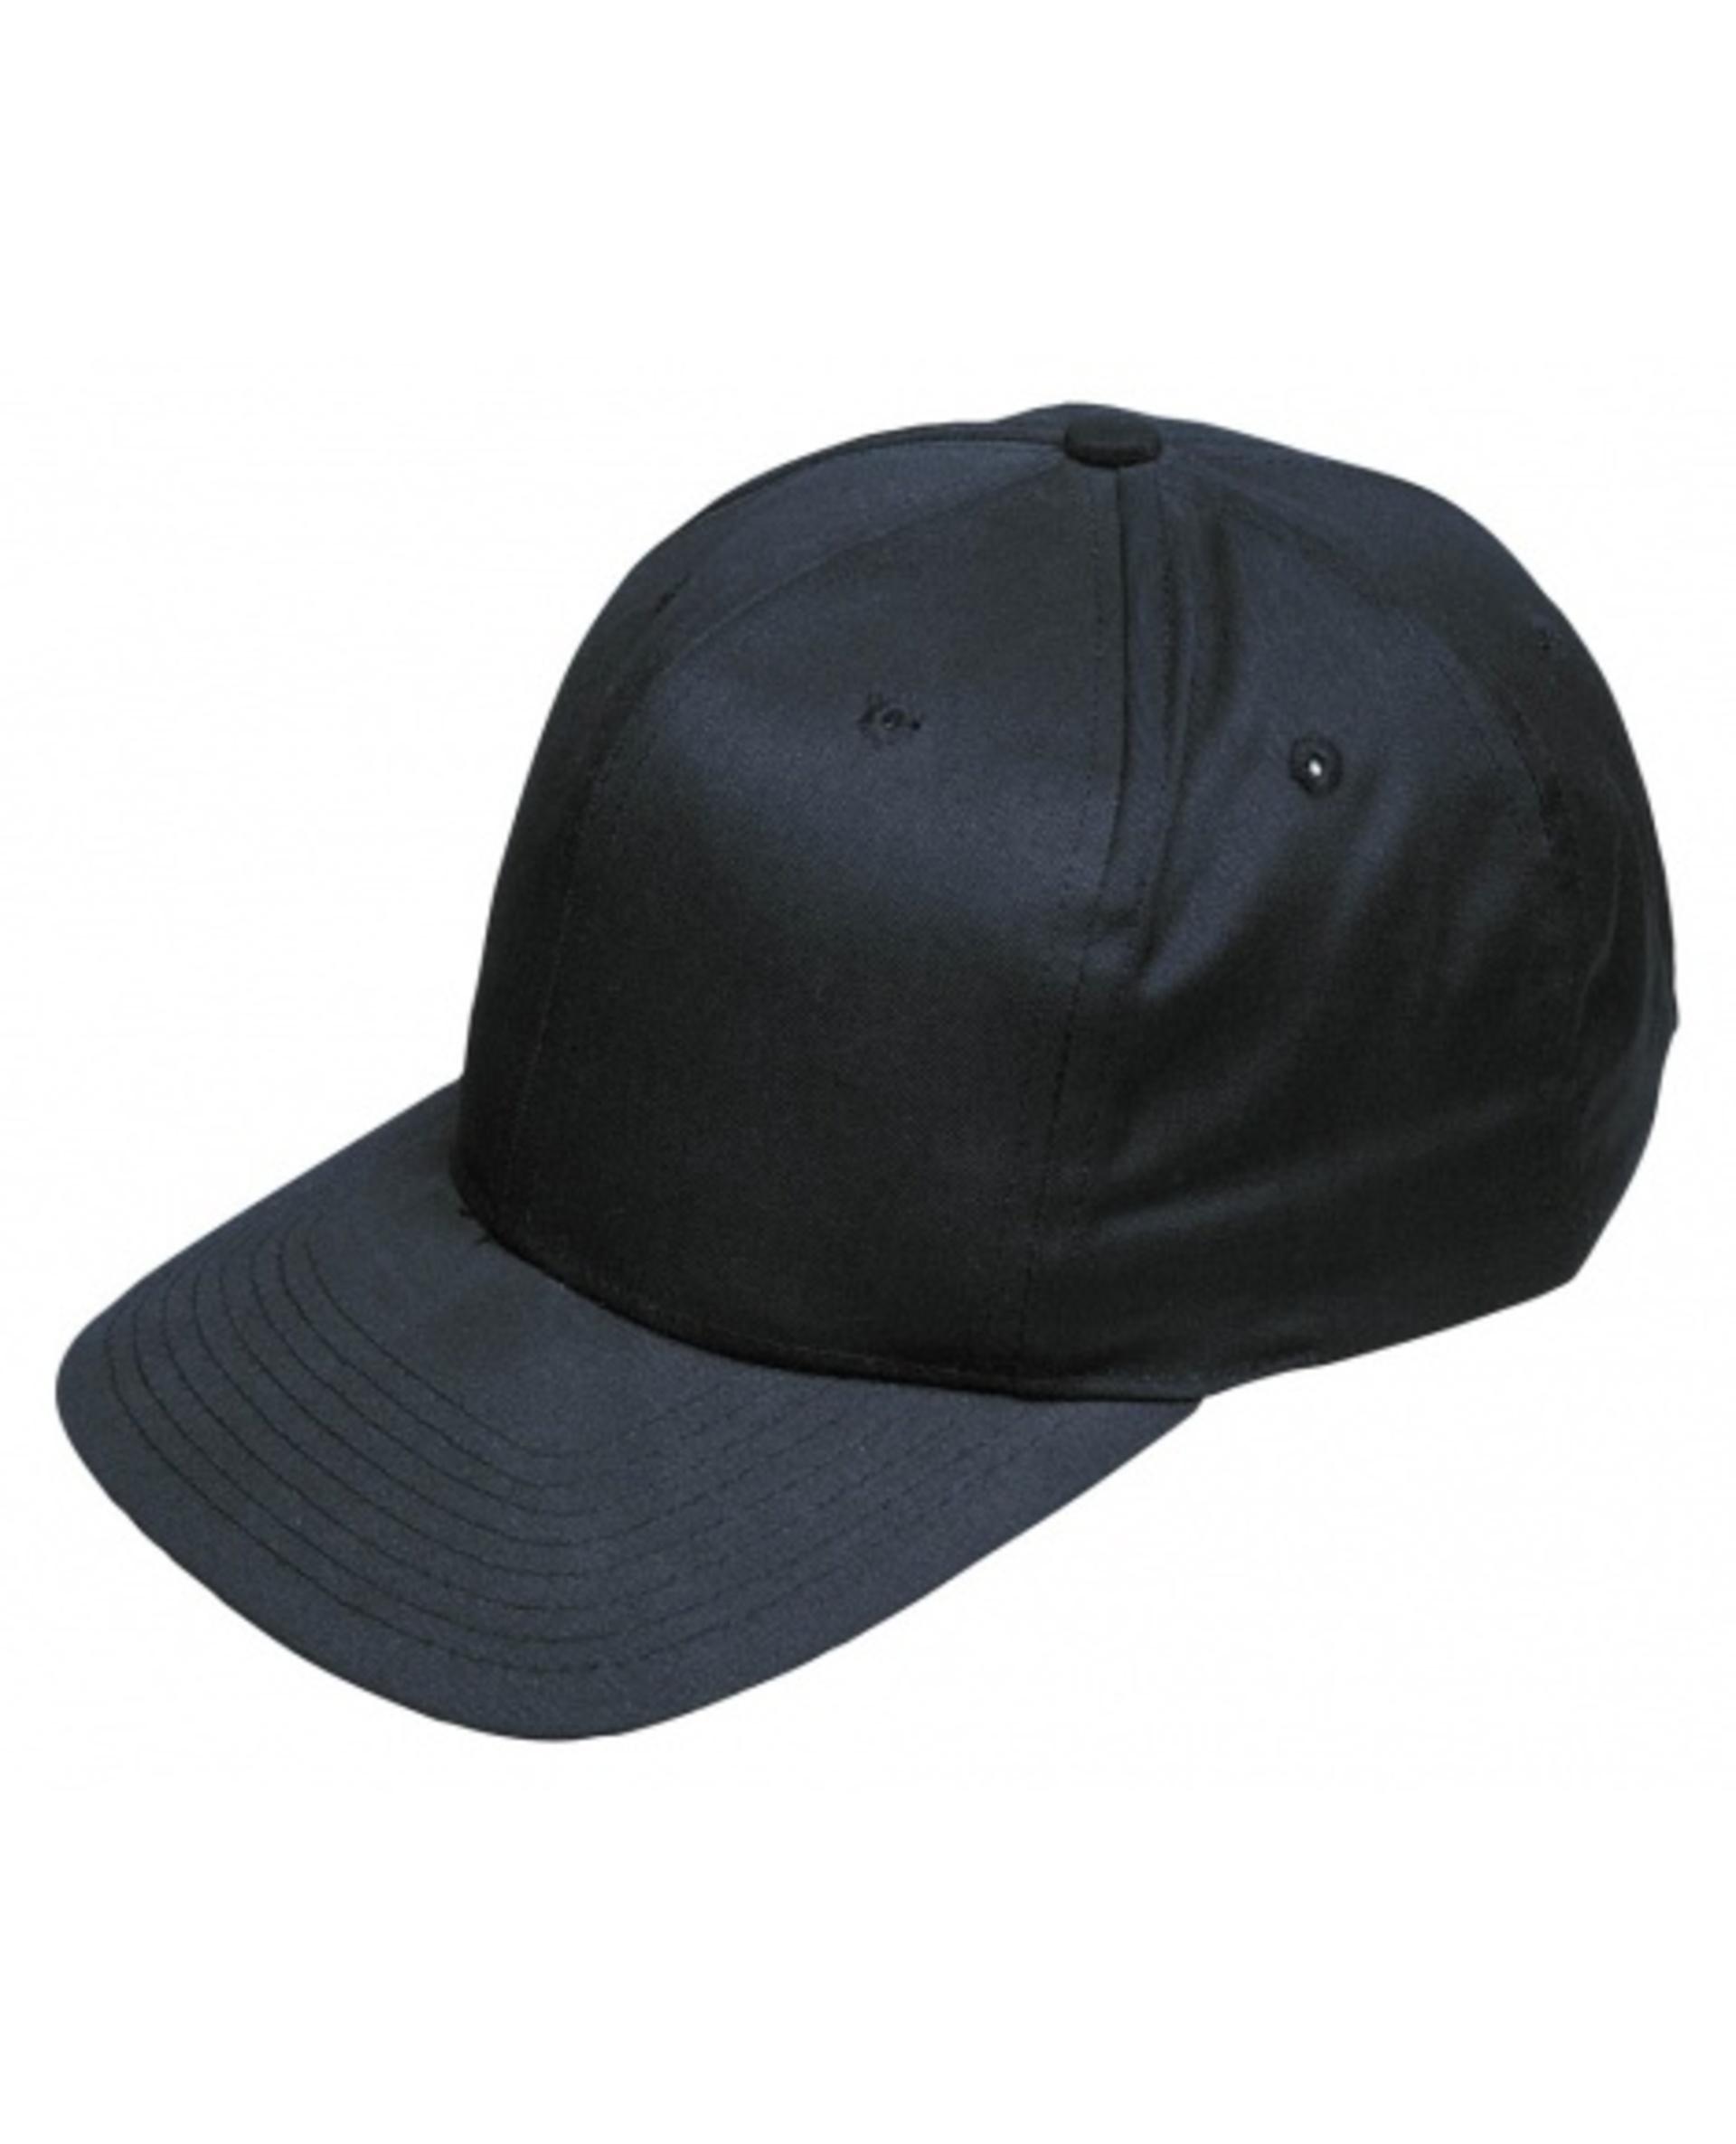 Čepice s kšiltem BIRRONG + Bezplatné vrácení zboží